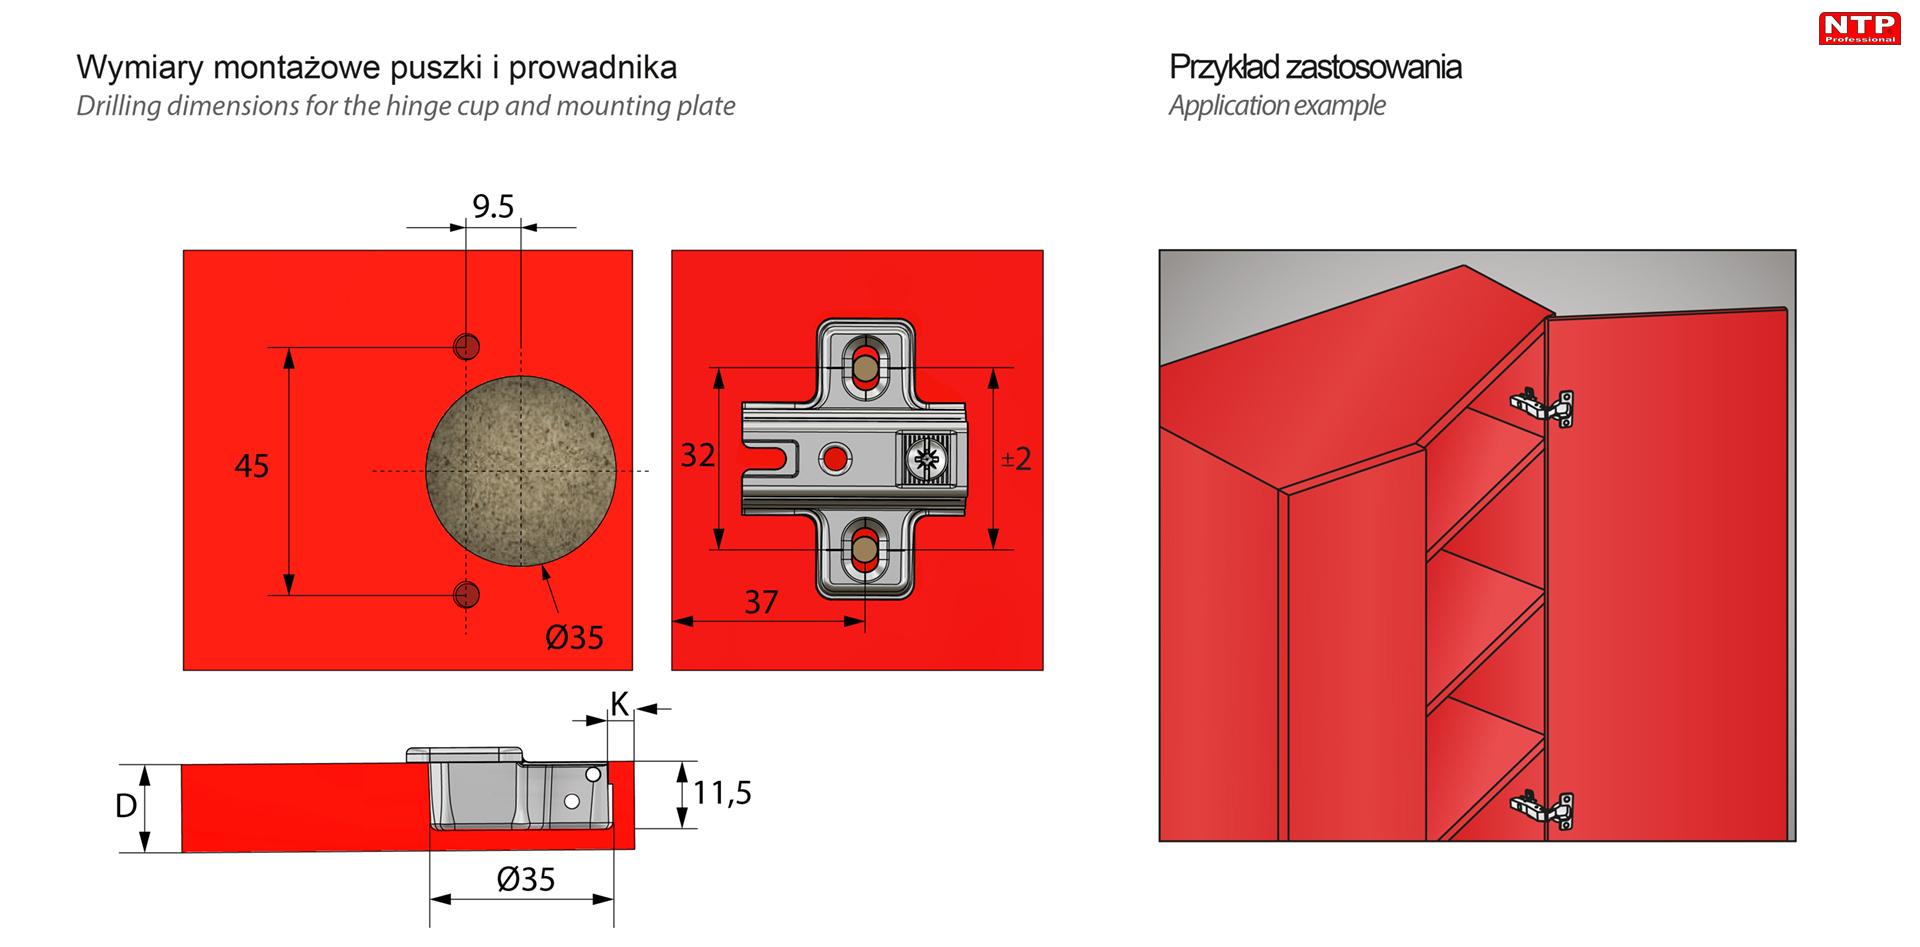 ZP06-H2 Przykład zastosowania